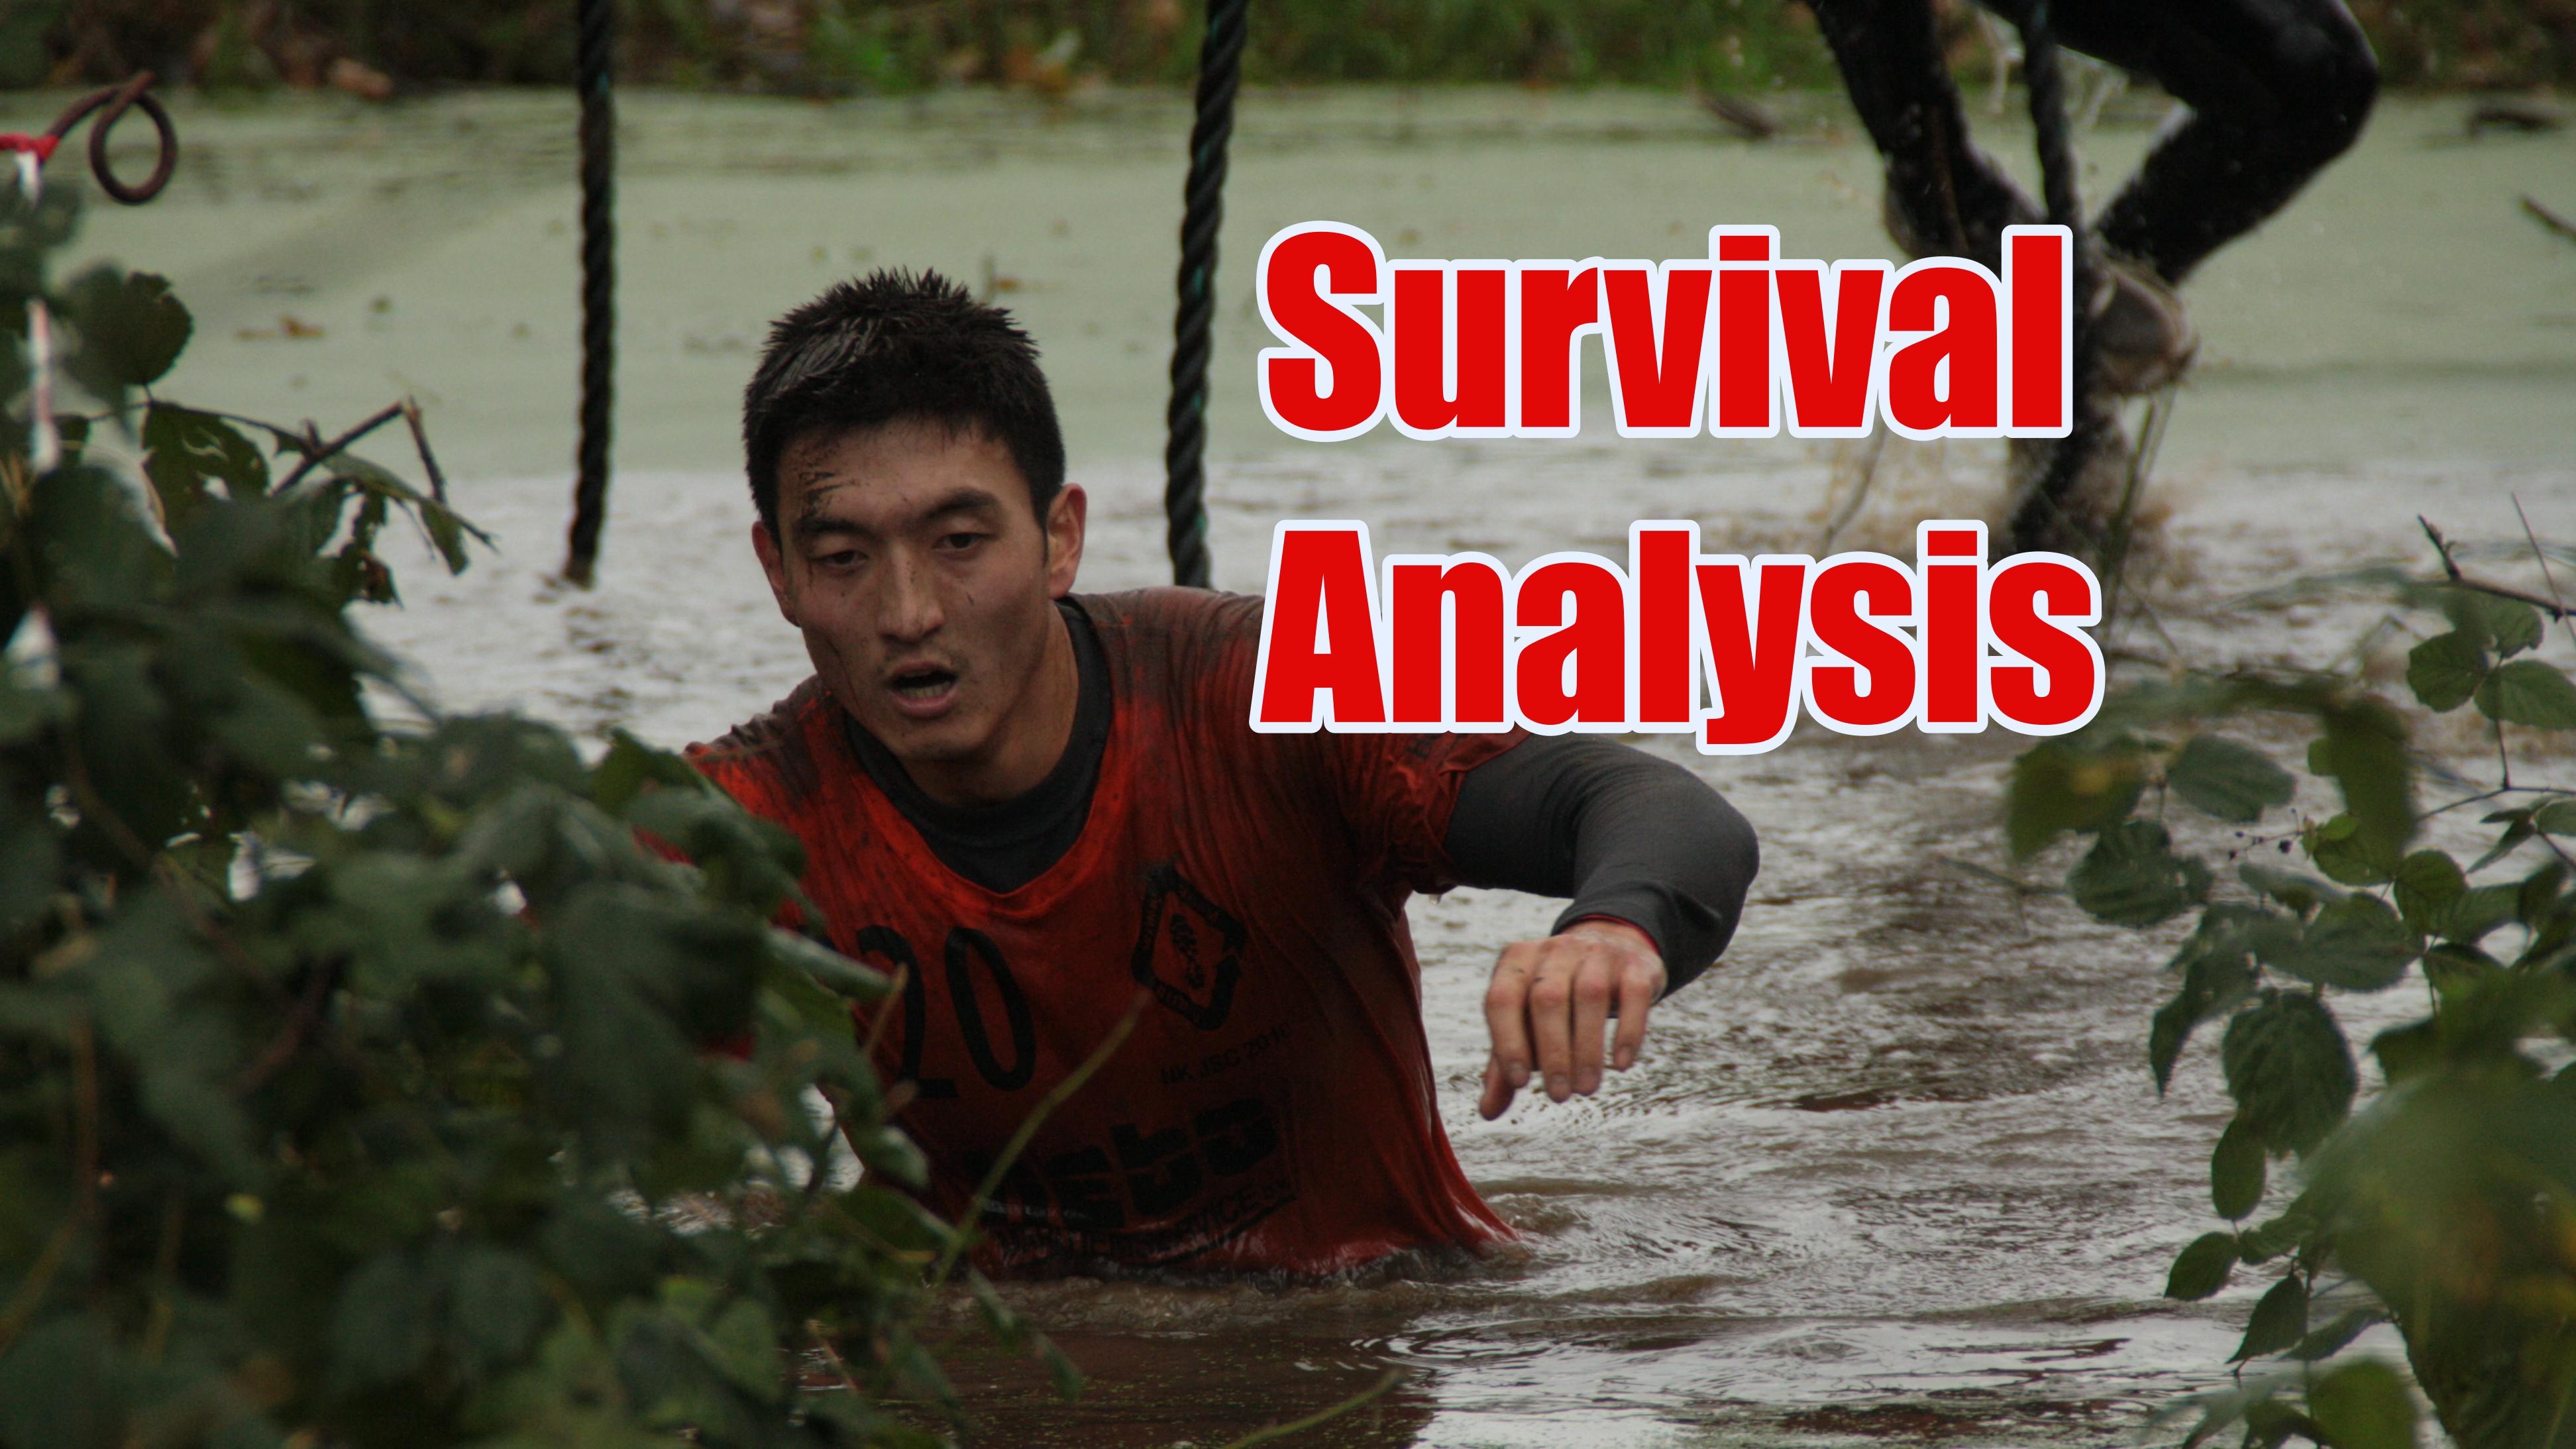 7789852736 e80568c23a o - phân tích sống sót - sống còn - mô hình Sự kiện